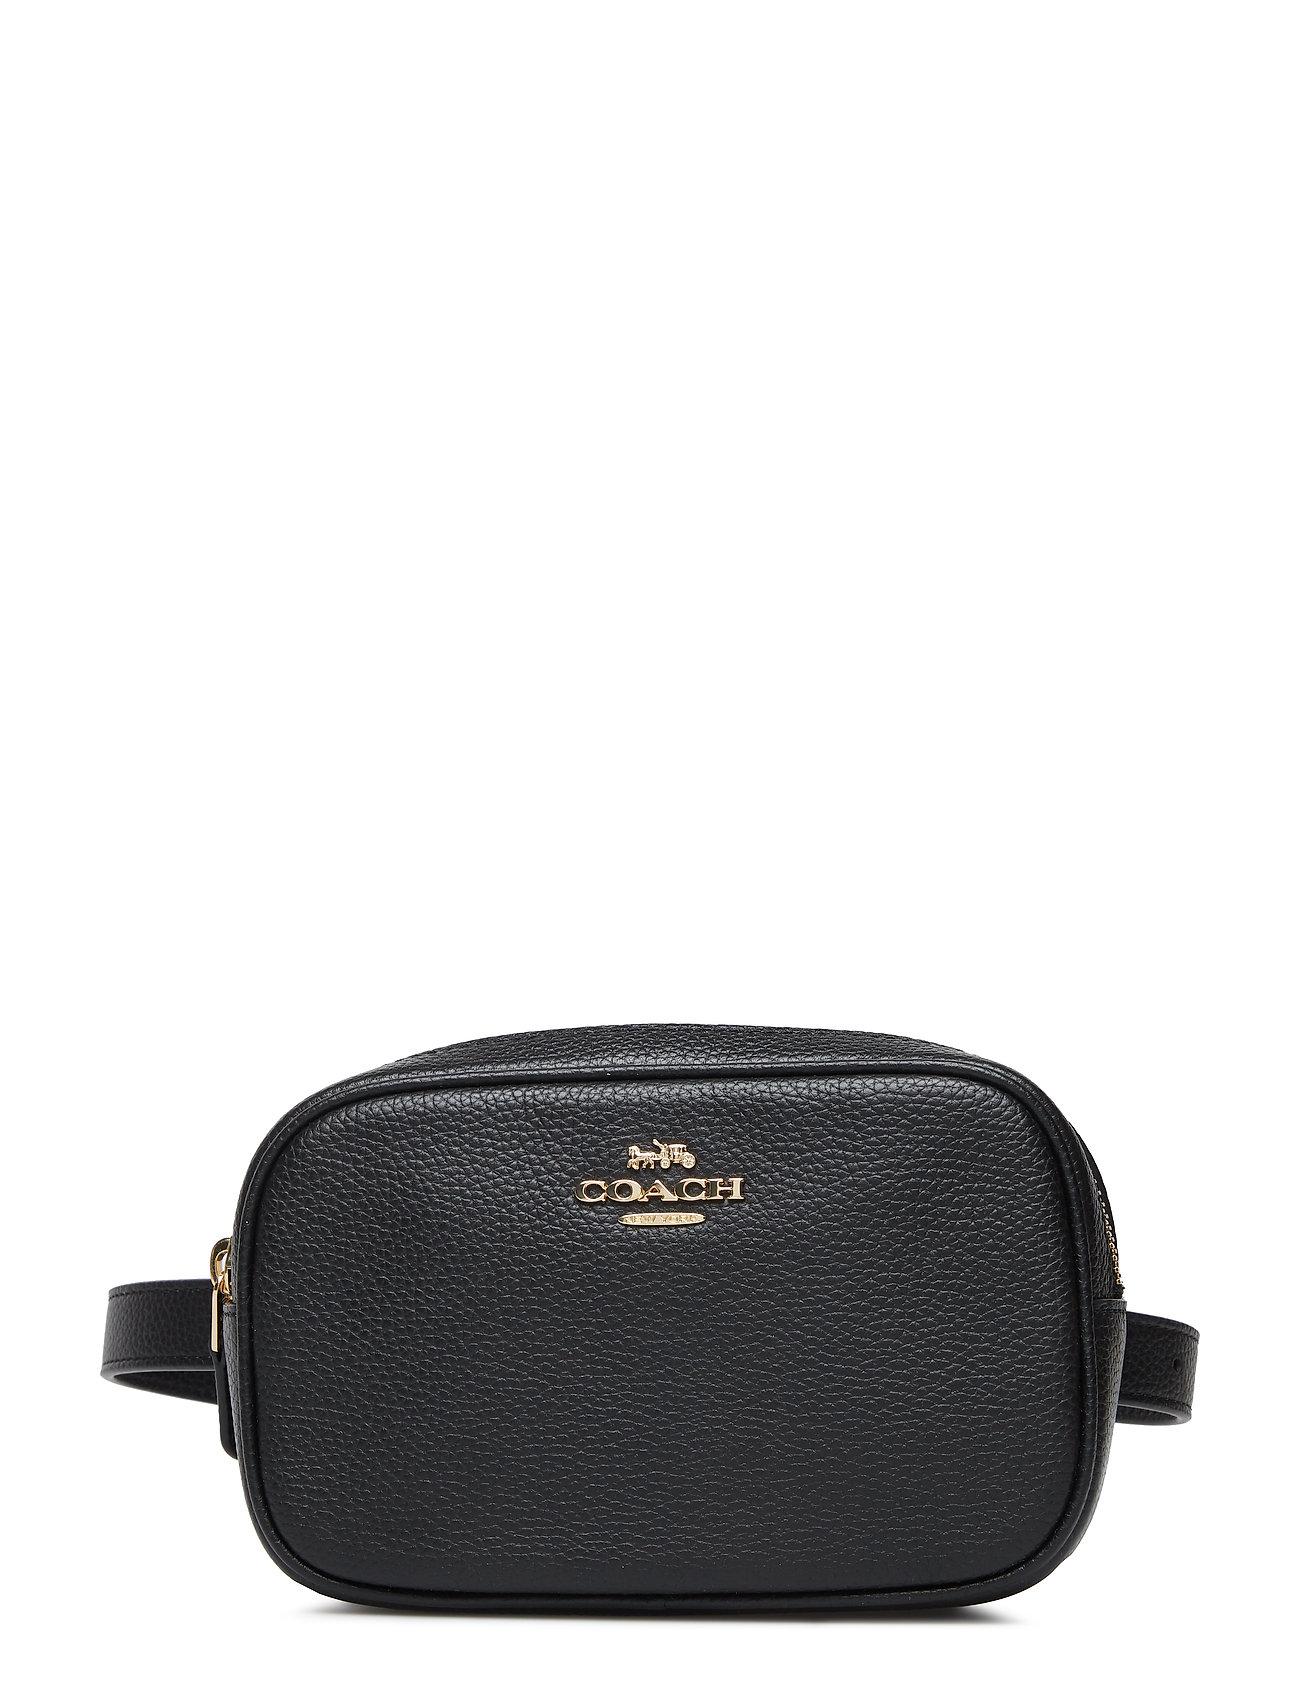 5d68623af639 Polished Pebble Dressy Belt Bag (Gd black) (225 €) - Coach - Laukut ...